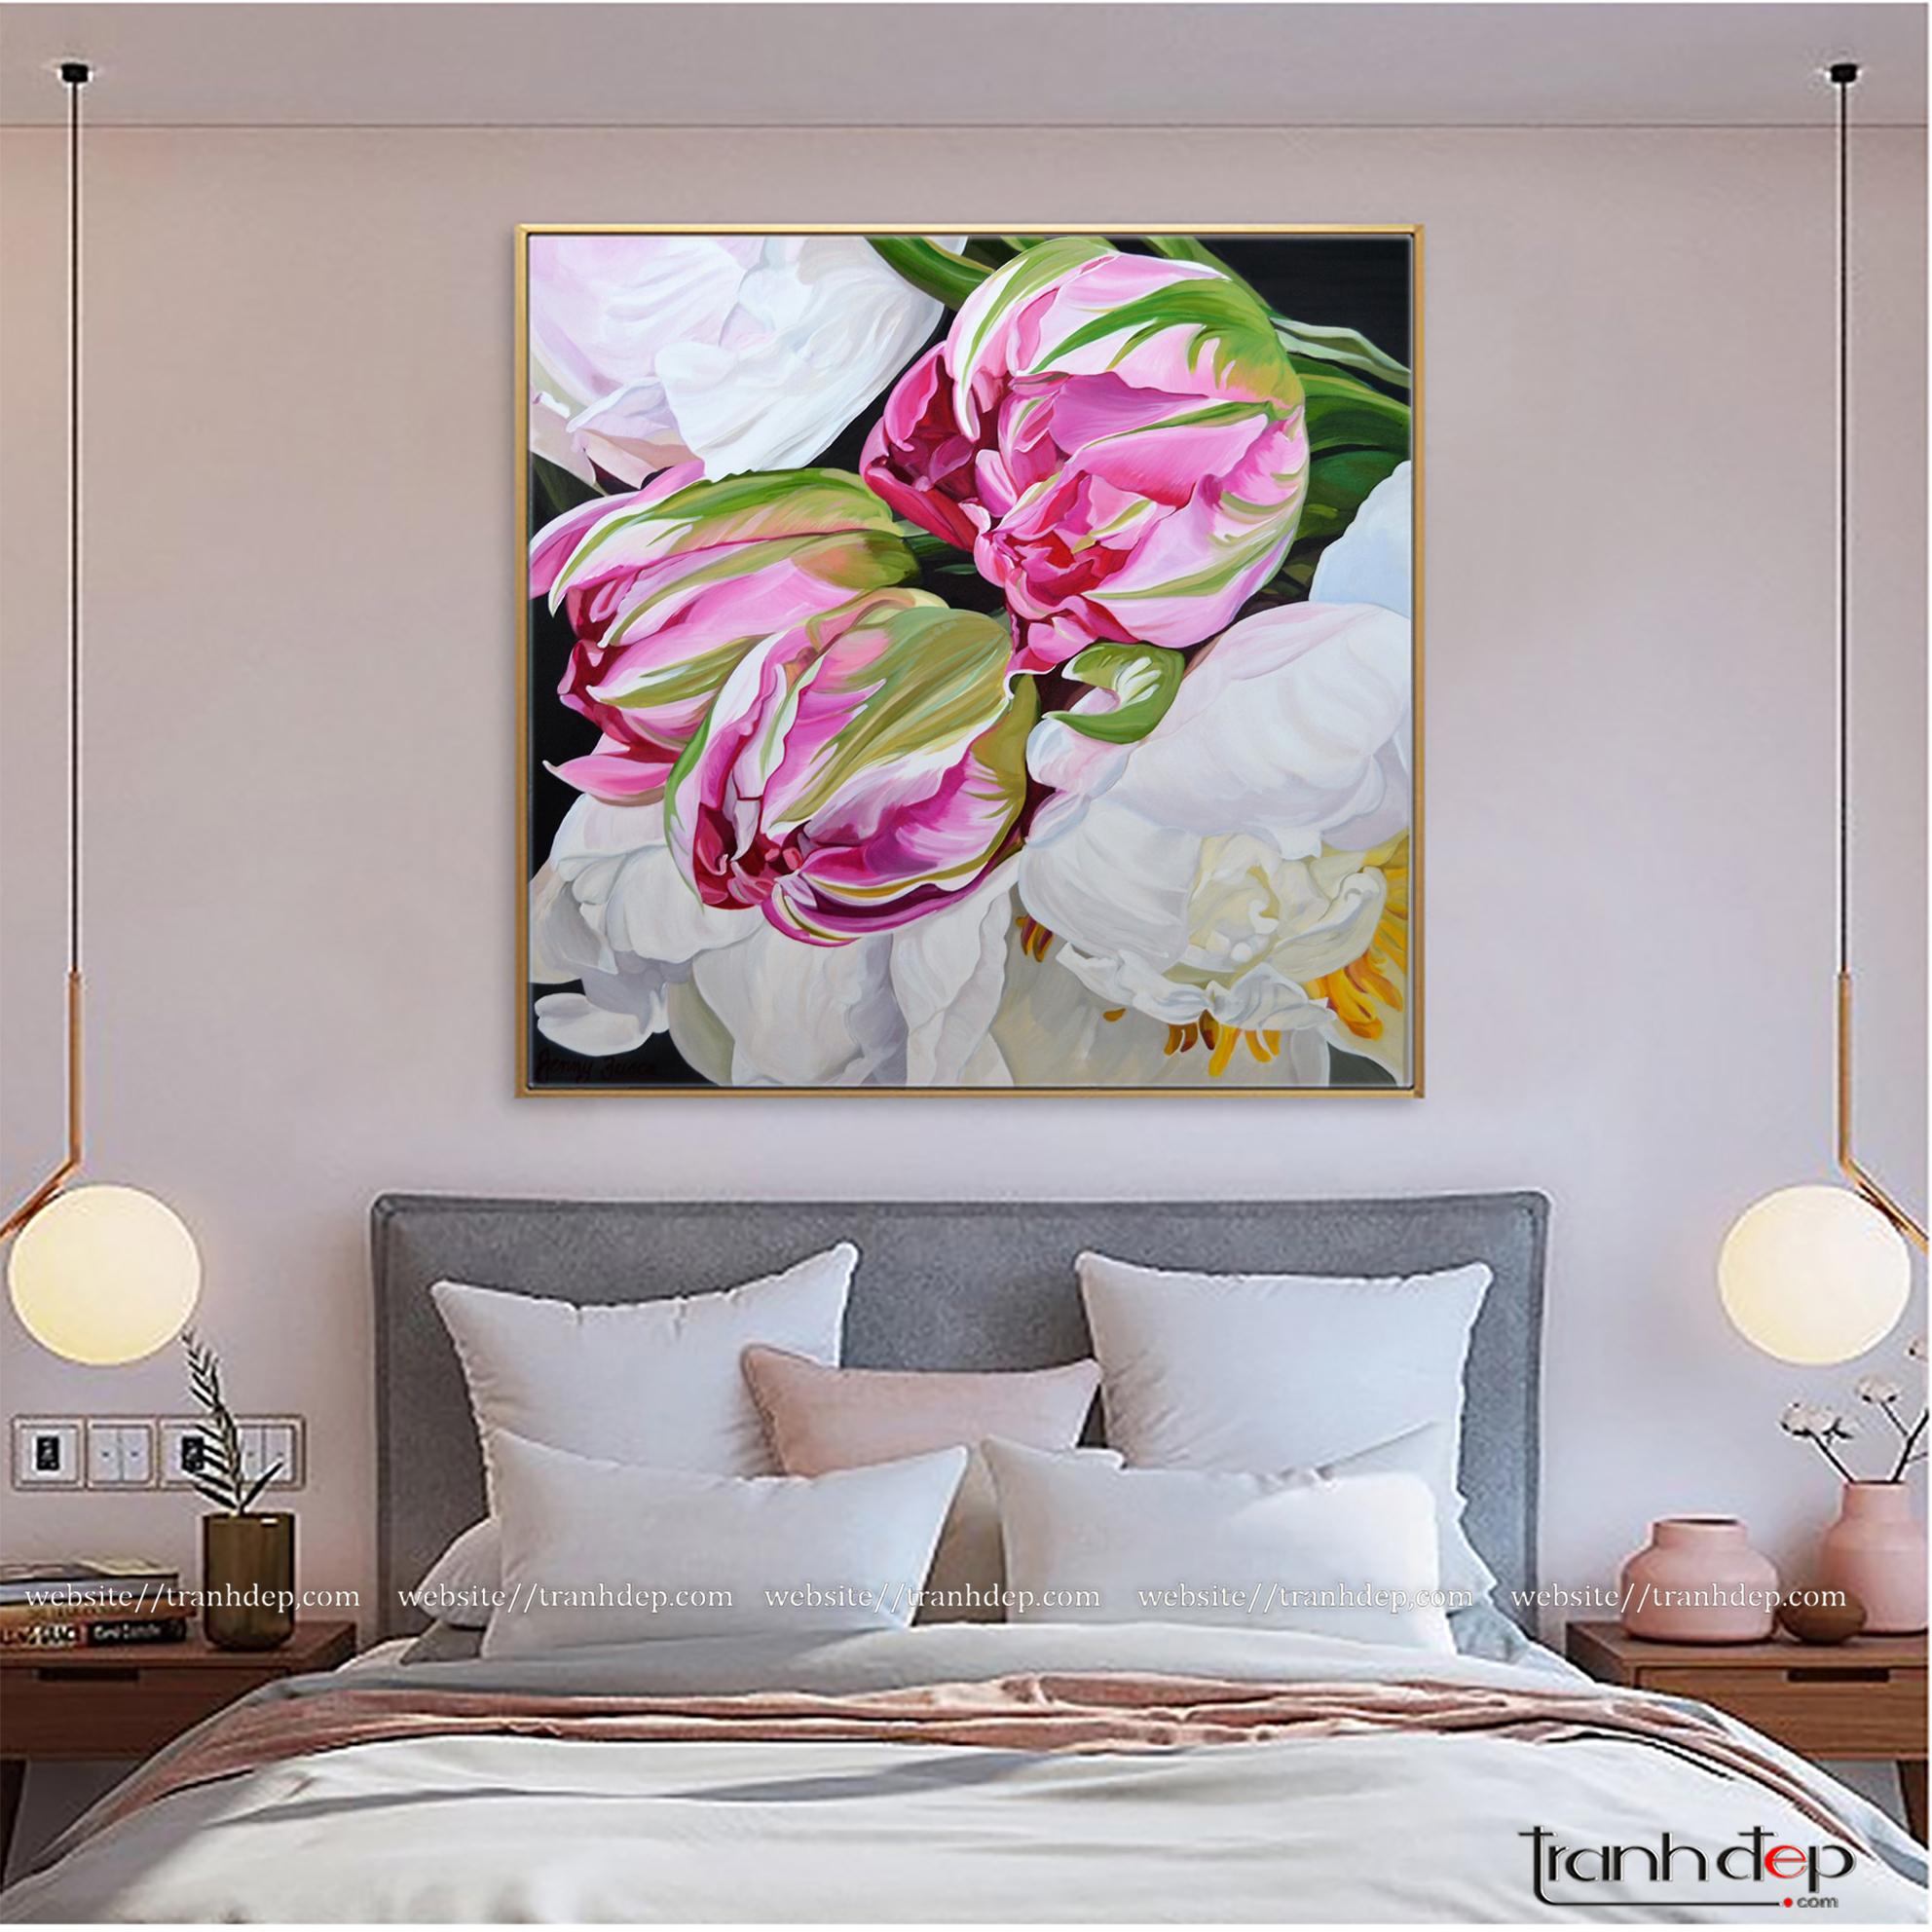 Tranh hoa tulip và mẫu đơn trang trí phòng ngủ